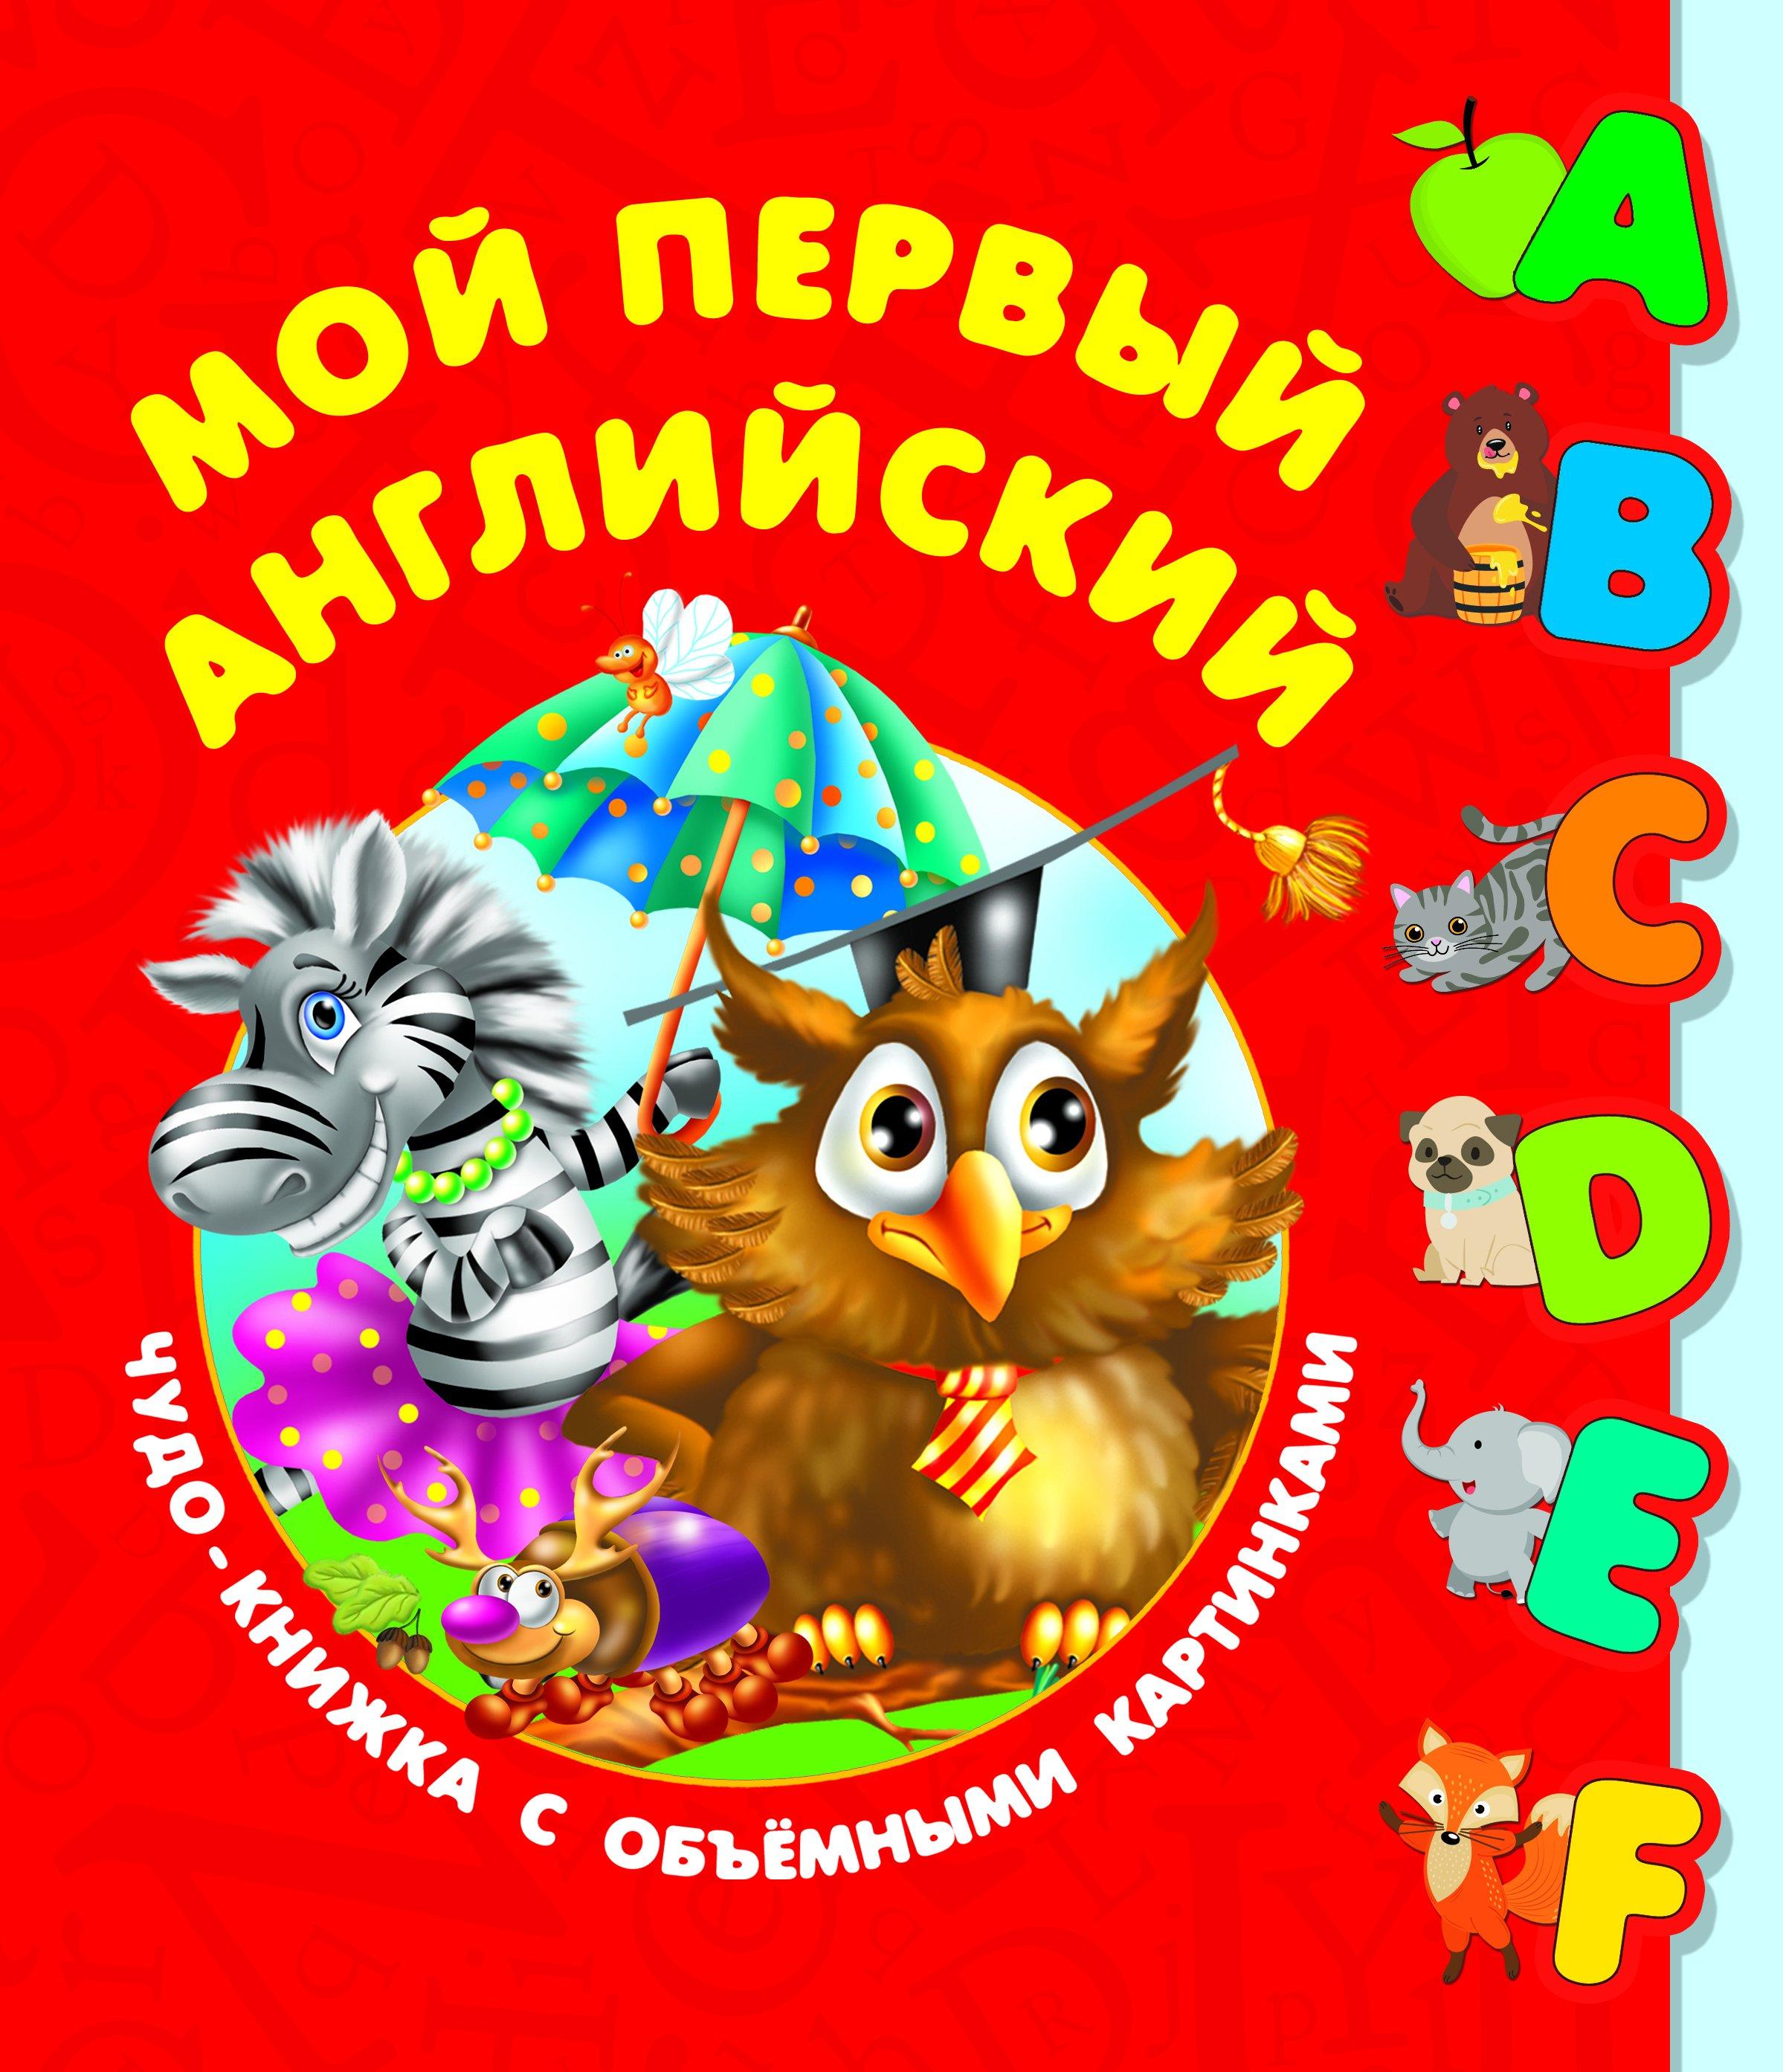 Дмитриева В.Г. Мой первый английский. Чудо-книжка с объемными картинками дмитриева в г мой первый английский чудо книжка с объемными картинками